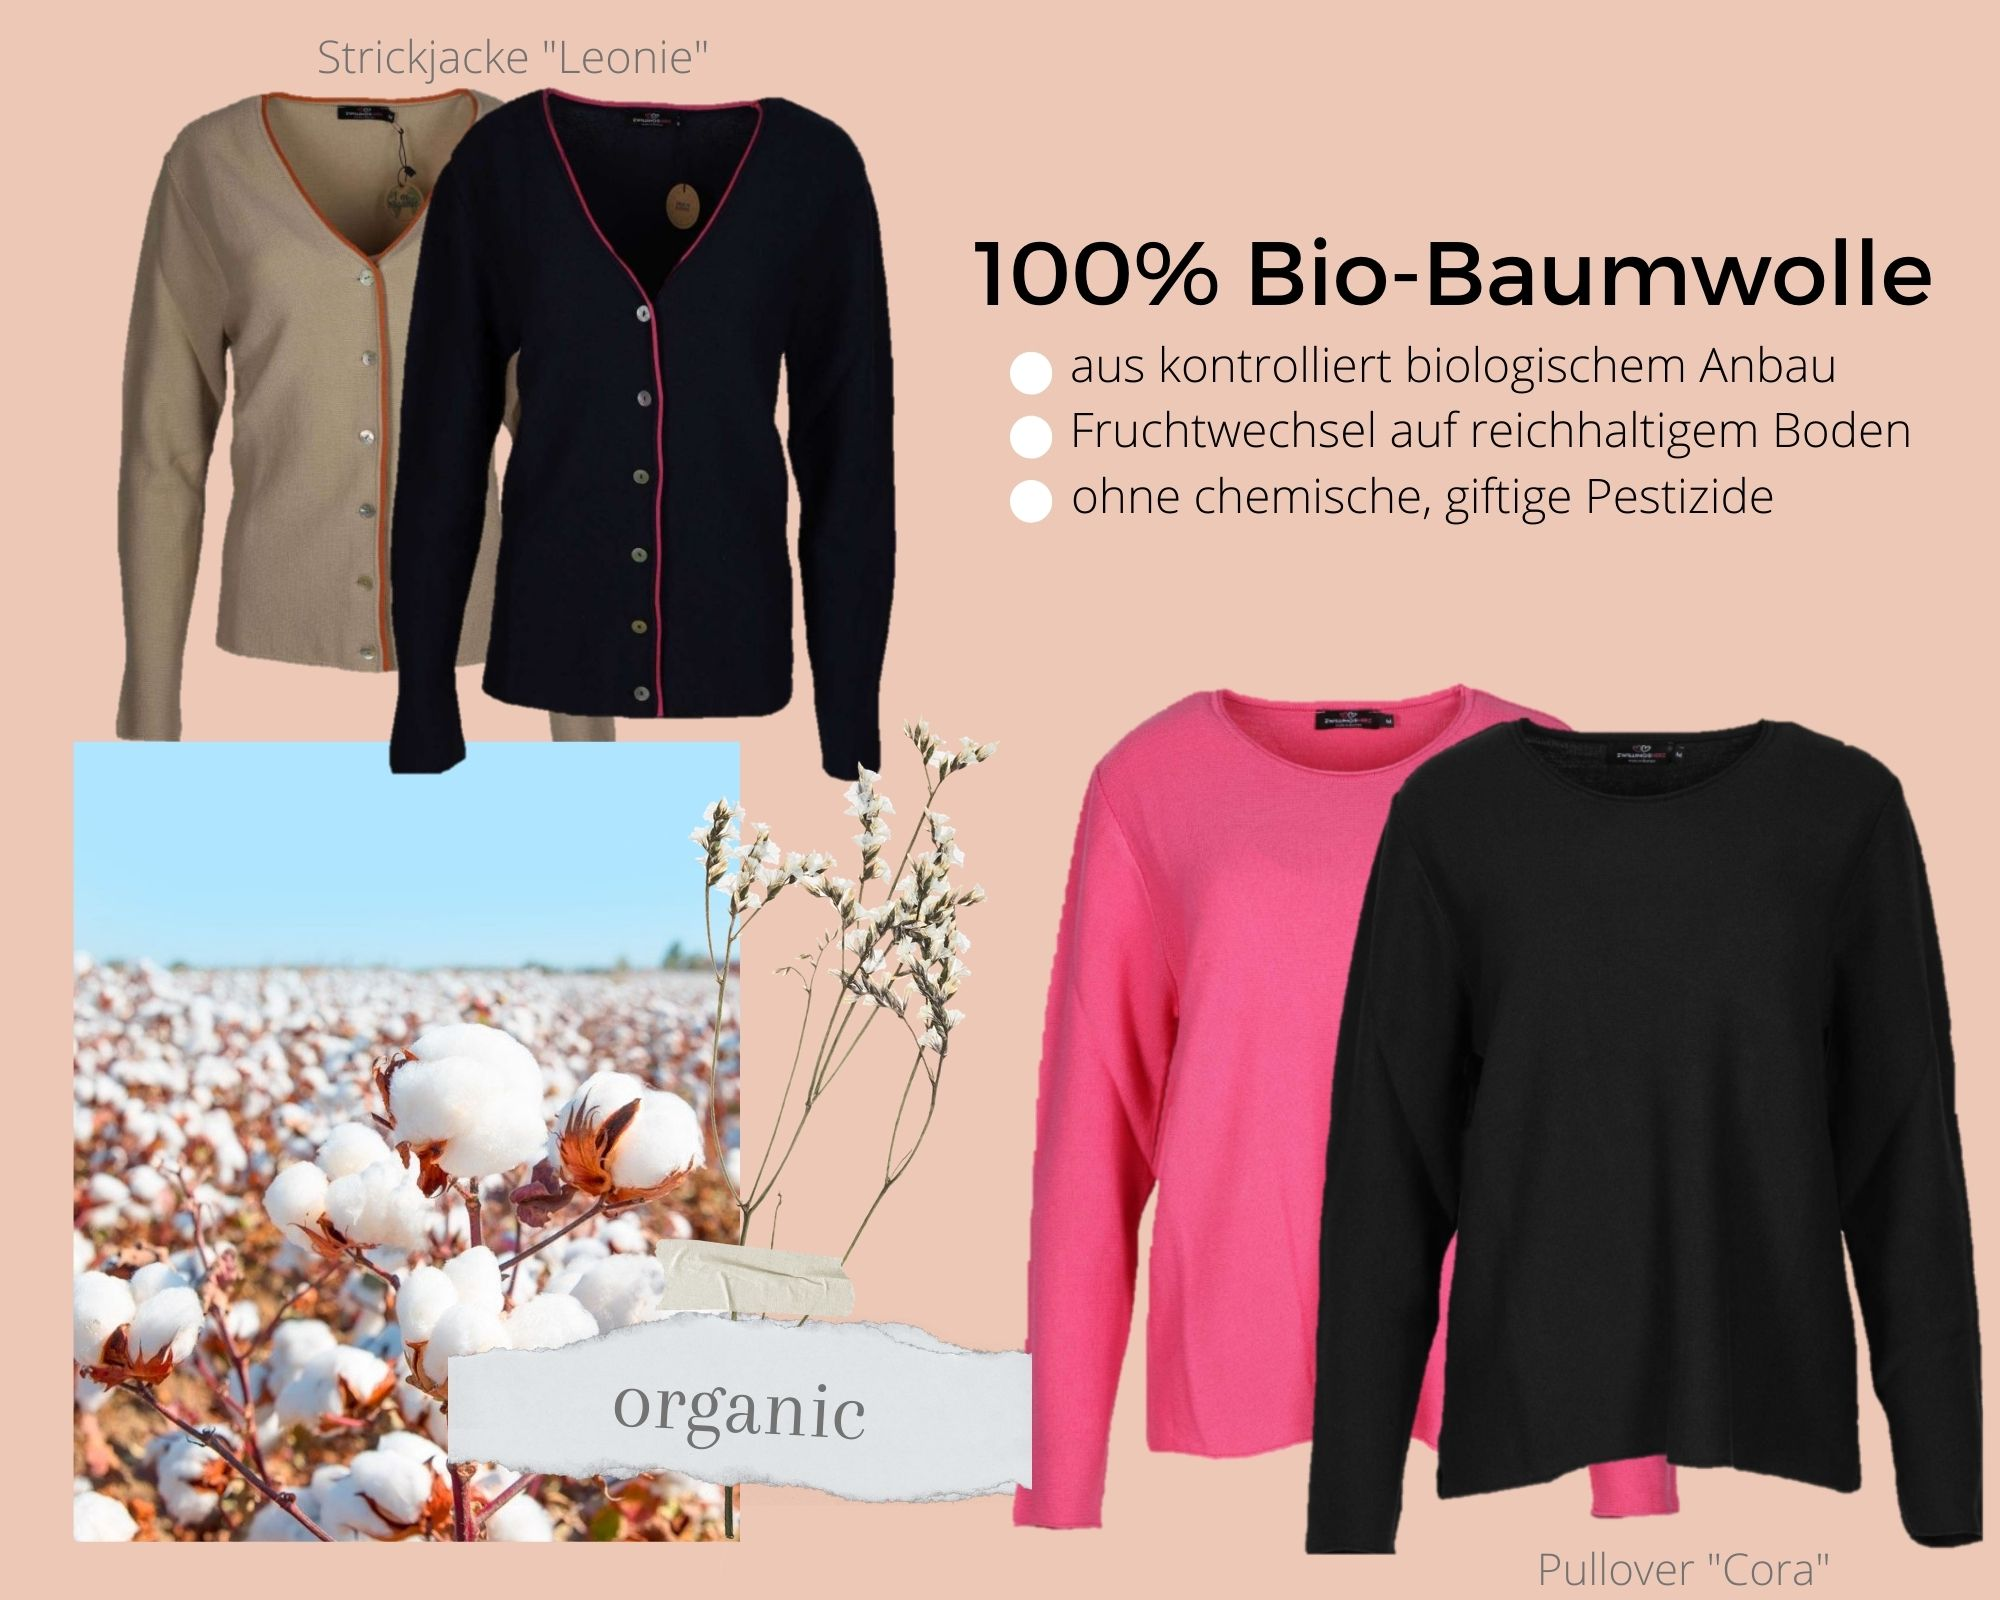 baumwolle-bild